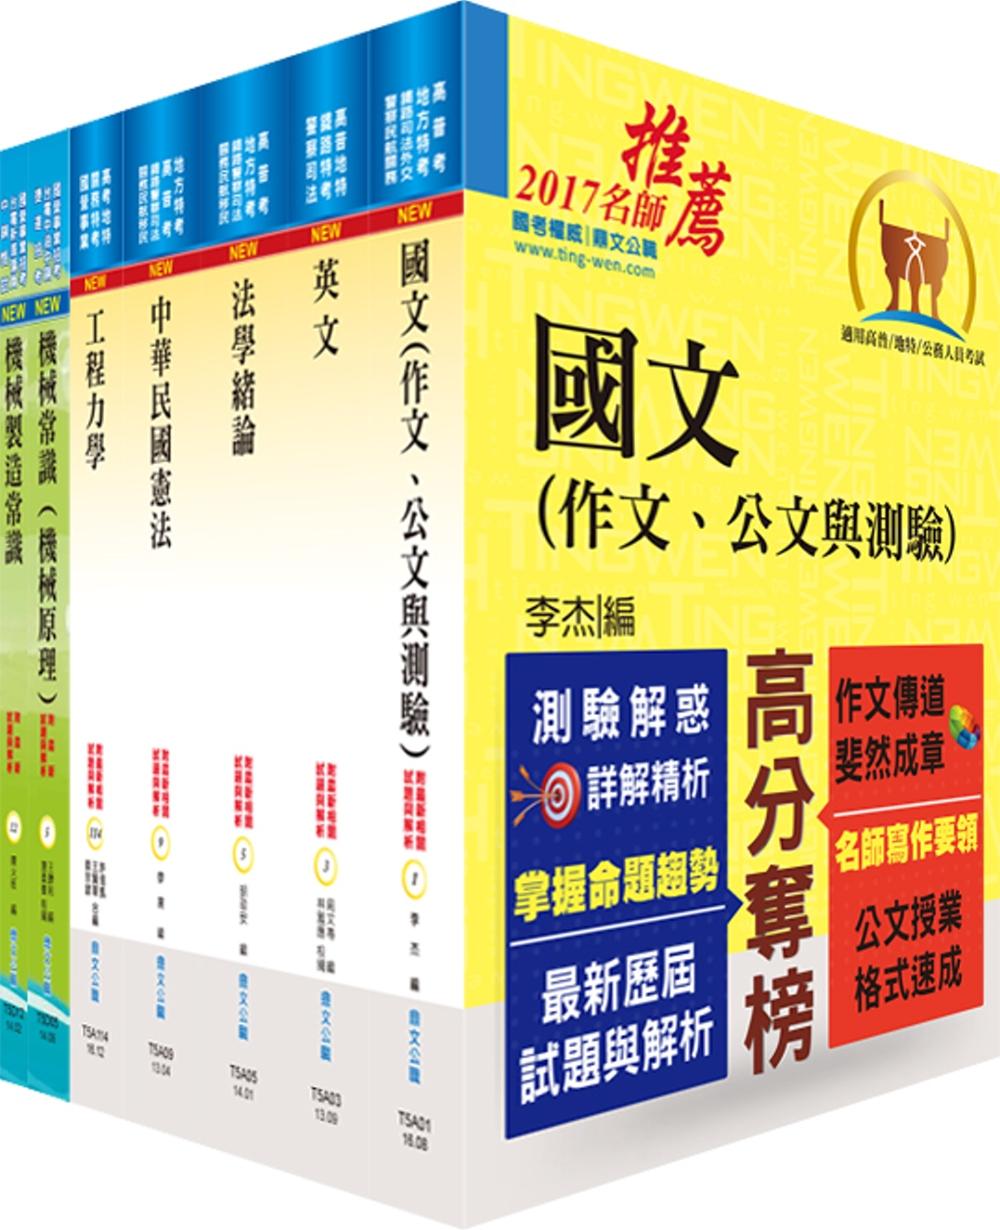 地方四等、普考(機械工程)套書(不含機械設計)(贈題庫網帳號、雲端課程)